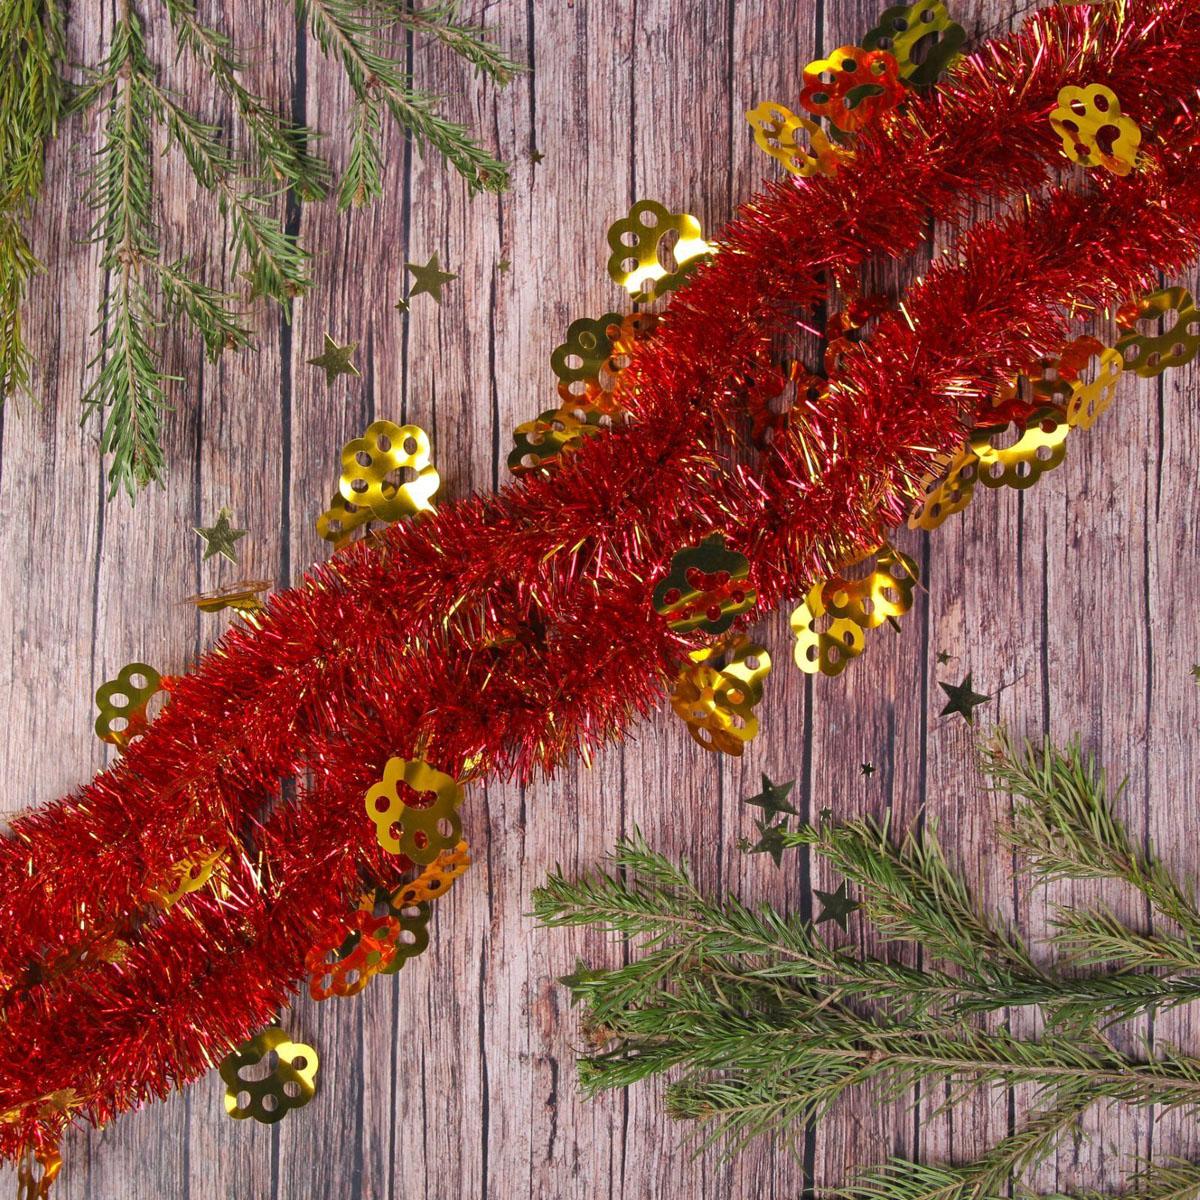 Мишура новогодняя Sima-land Лапка, цвет: красный, диаметр 5 см, длина 2 м. 2317645 мишура новогодняя sima land цвет золотистый красный диаметр 7 см длина 2 м 279377